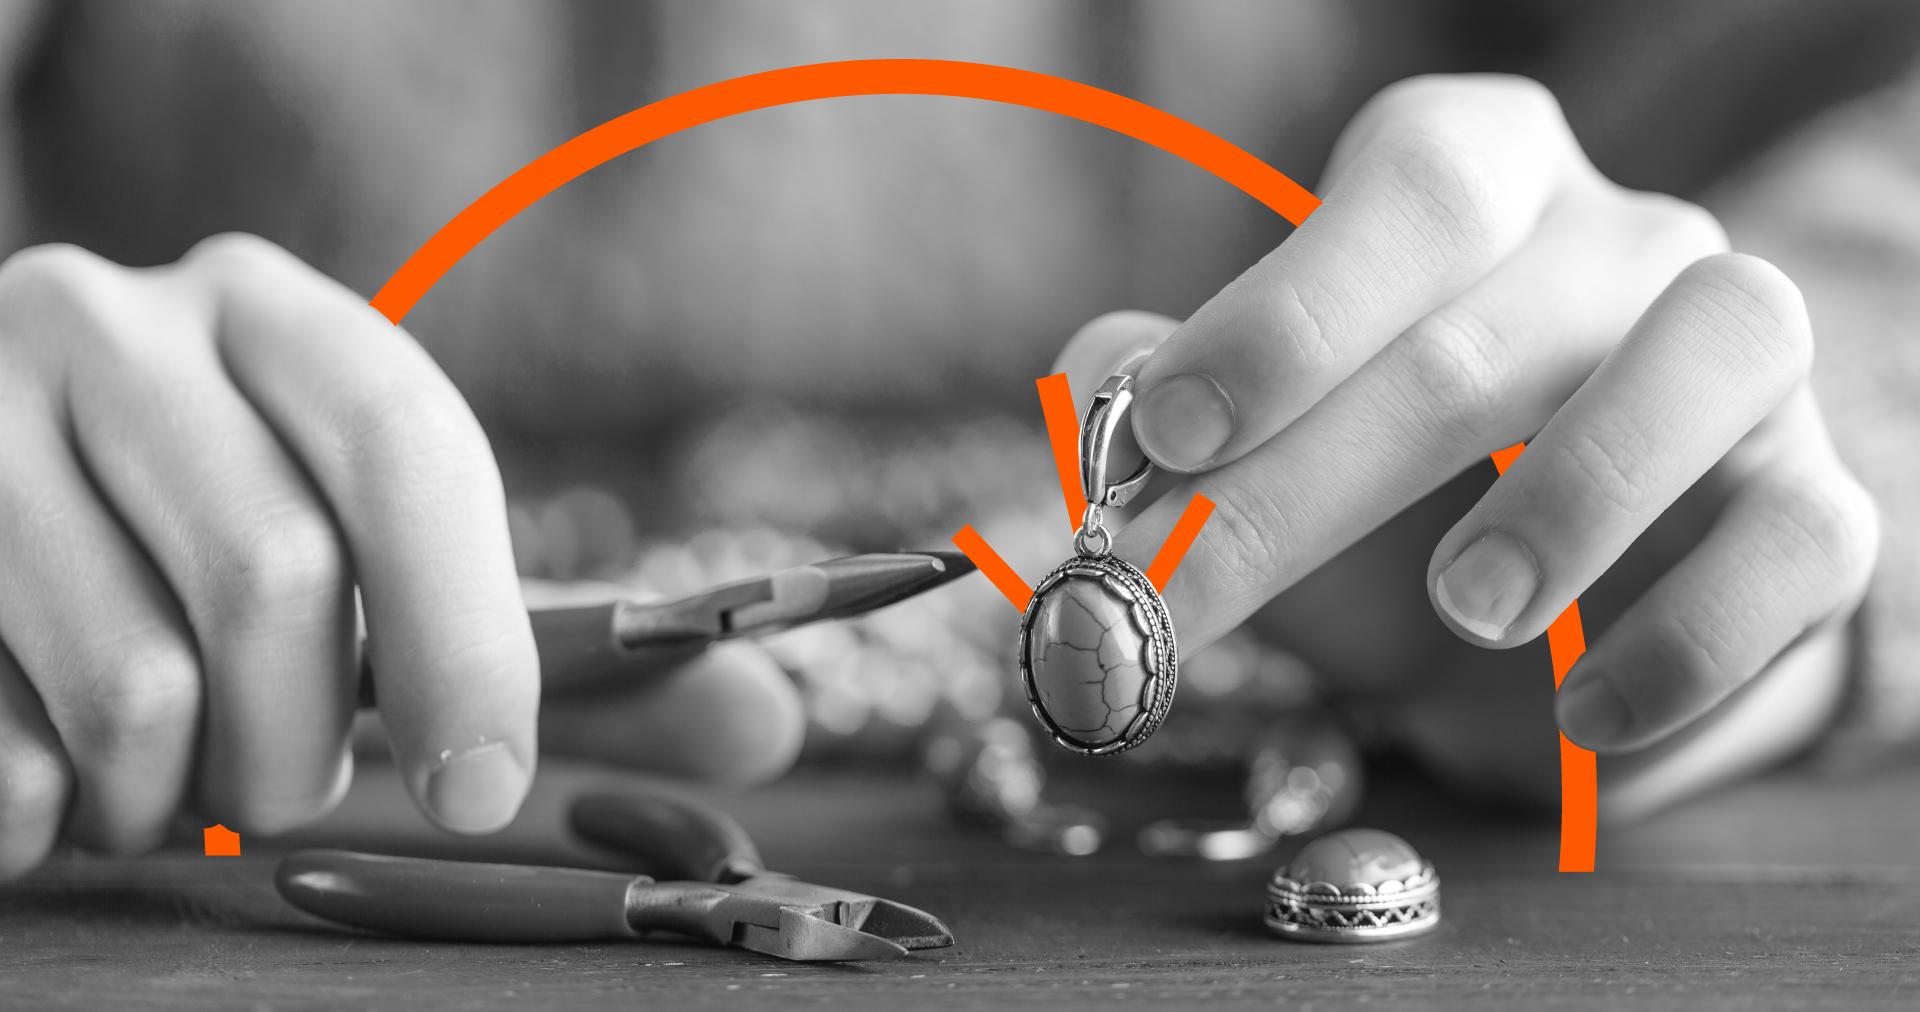 foto del articulo Aprende las mejores técnicas de joyería con este diplomado